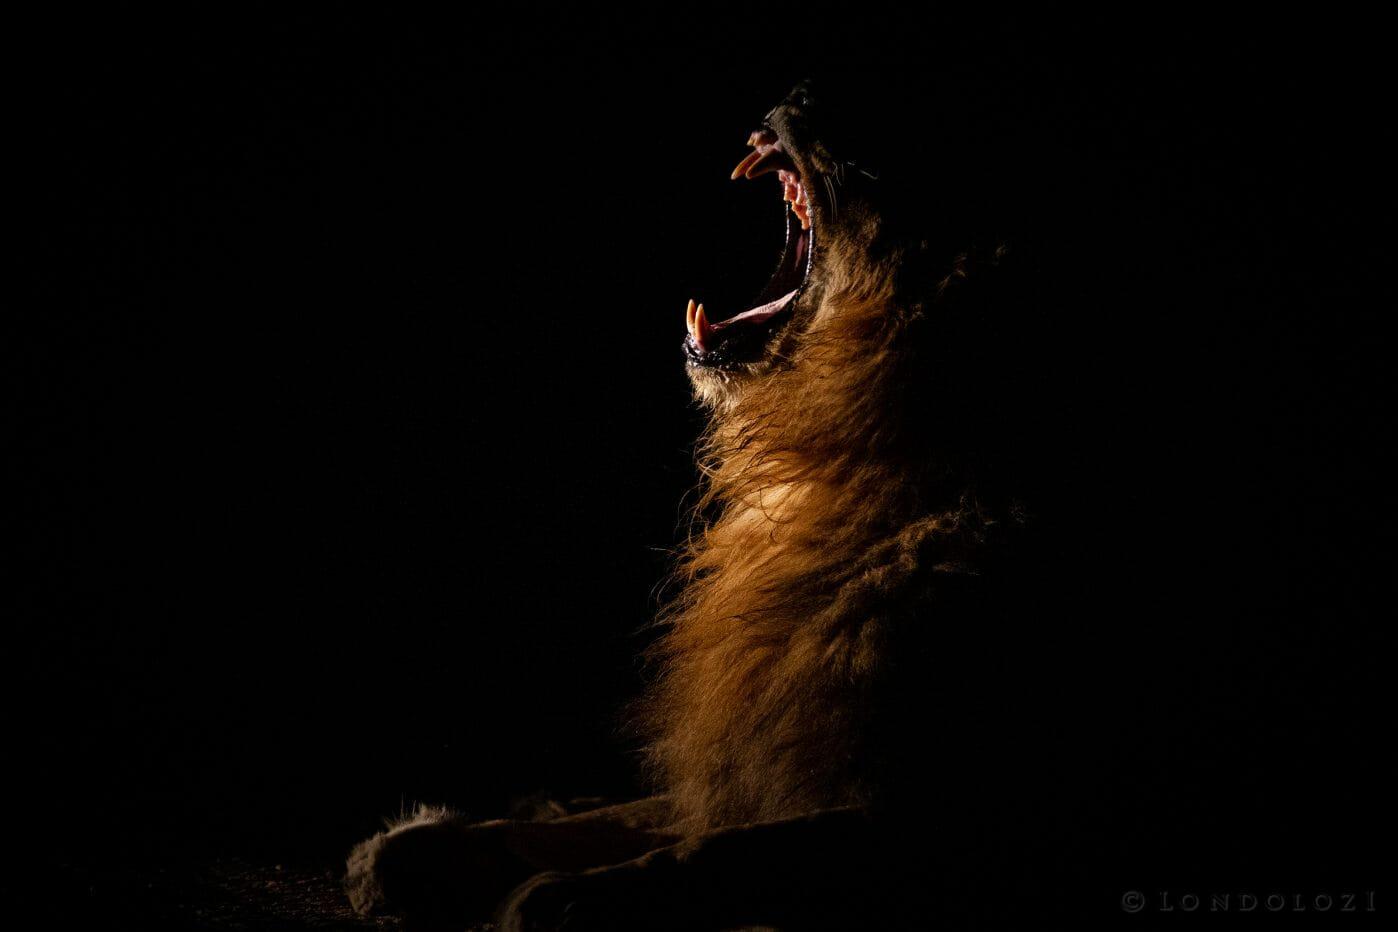 Matimba Lion Yawn Sidelight